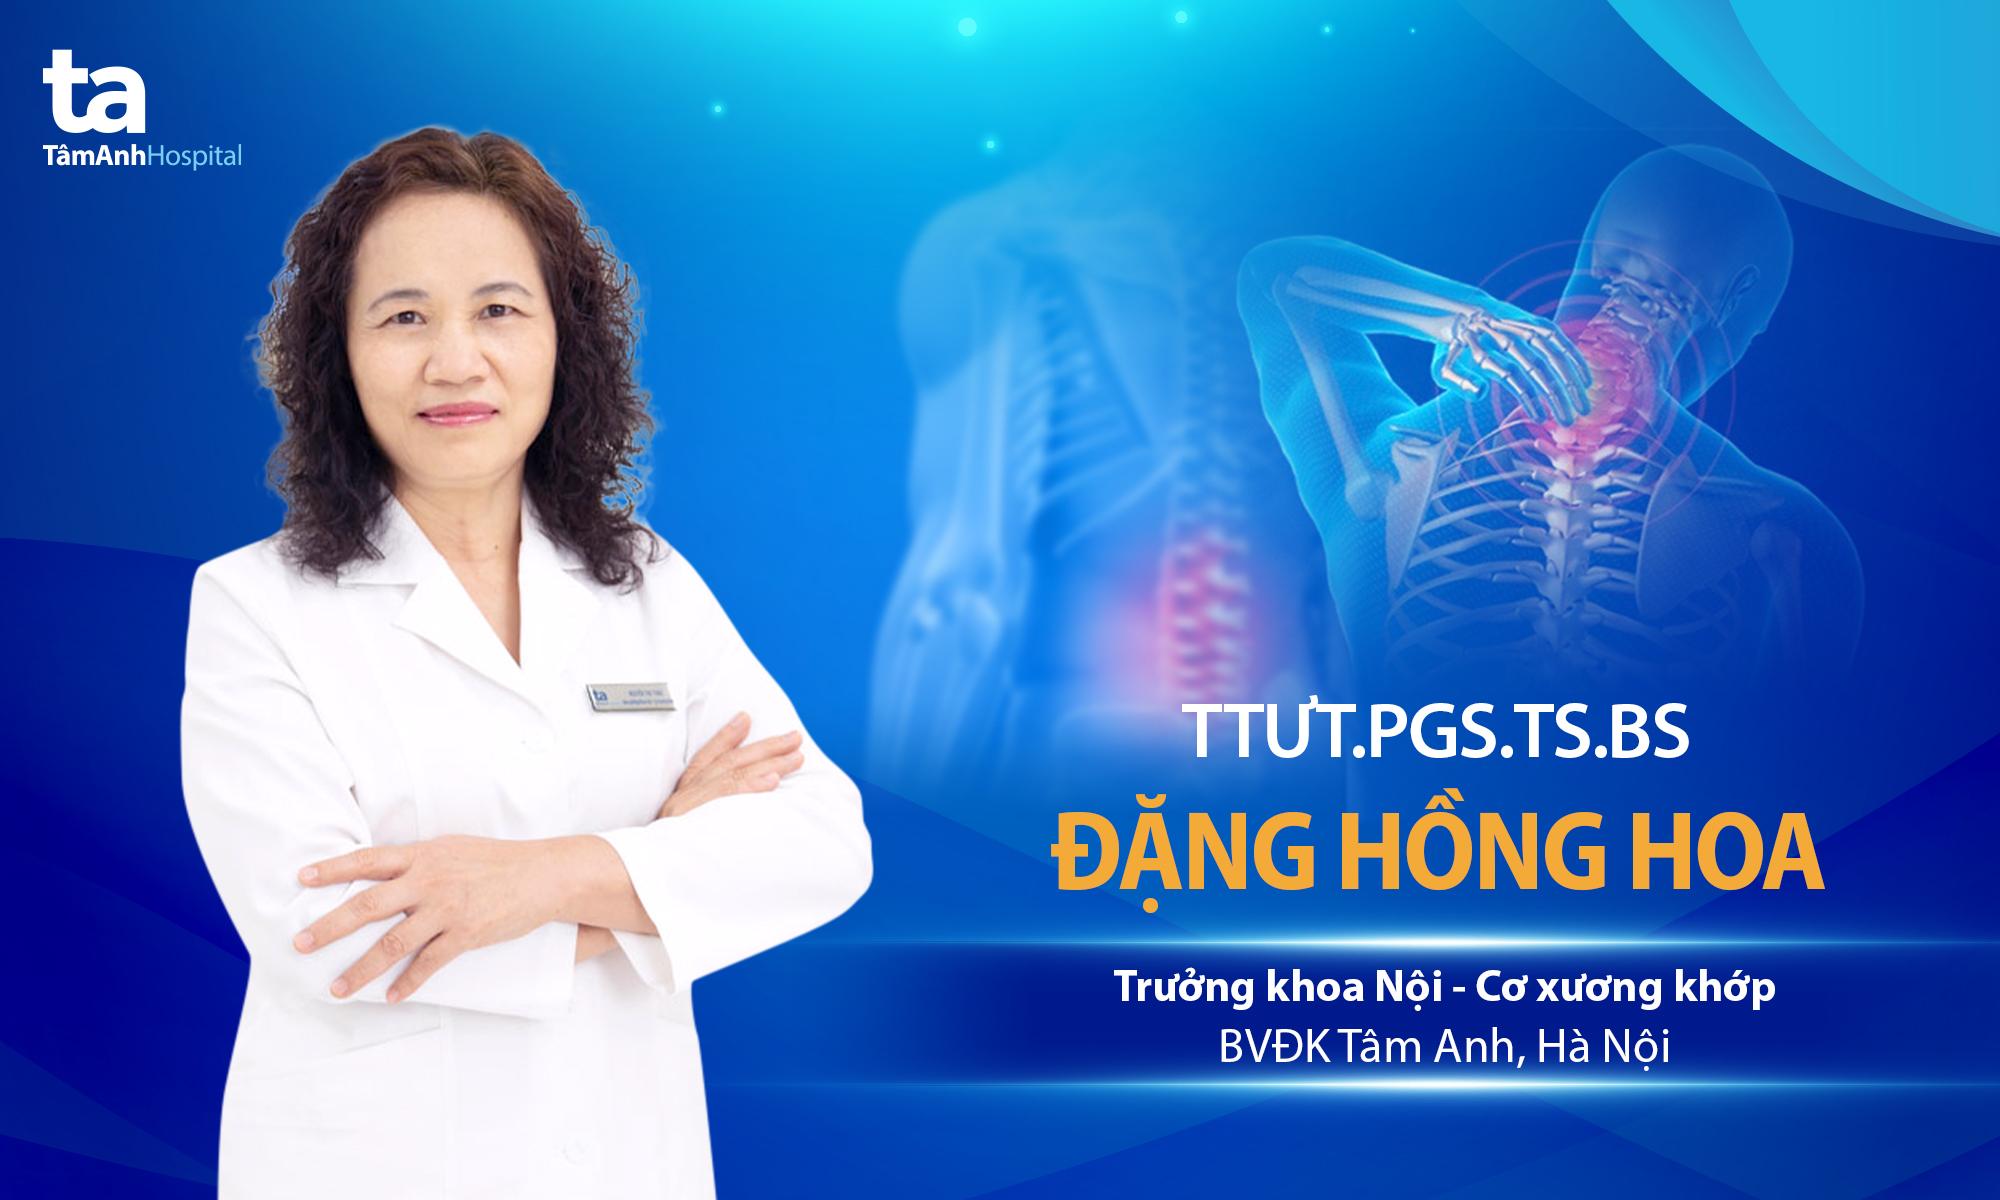 TTƯT.PGS.TS.BS Đặng Hồng Hoa